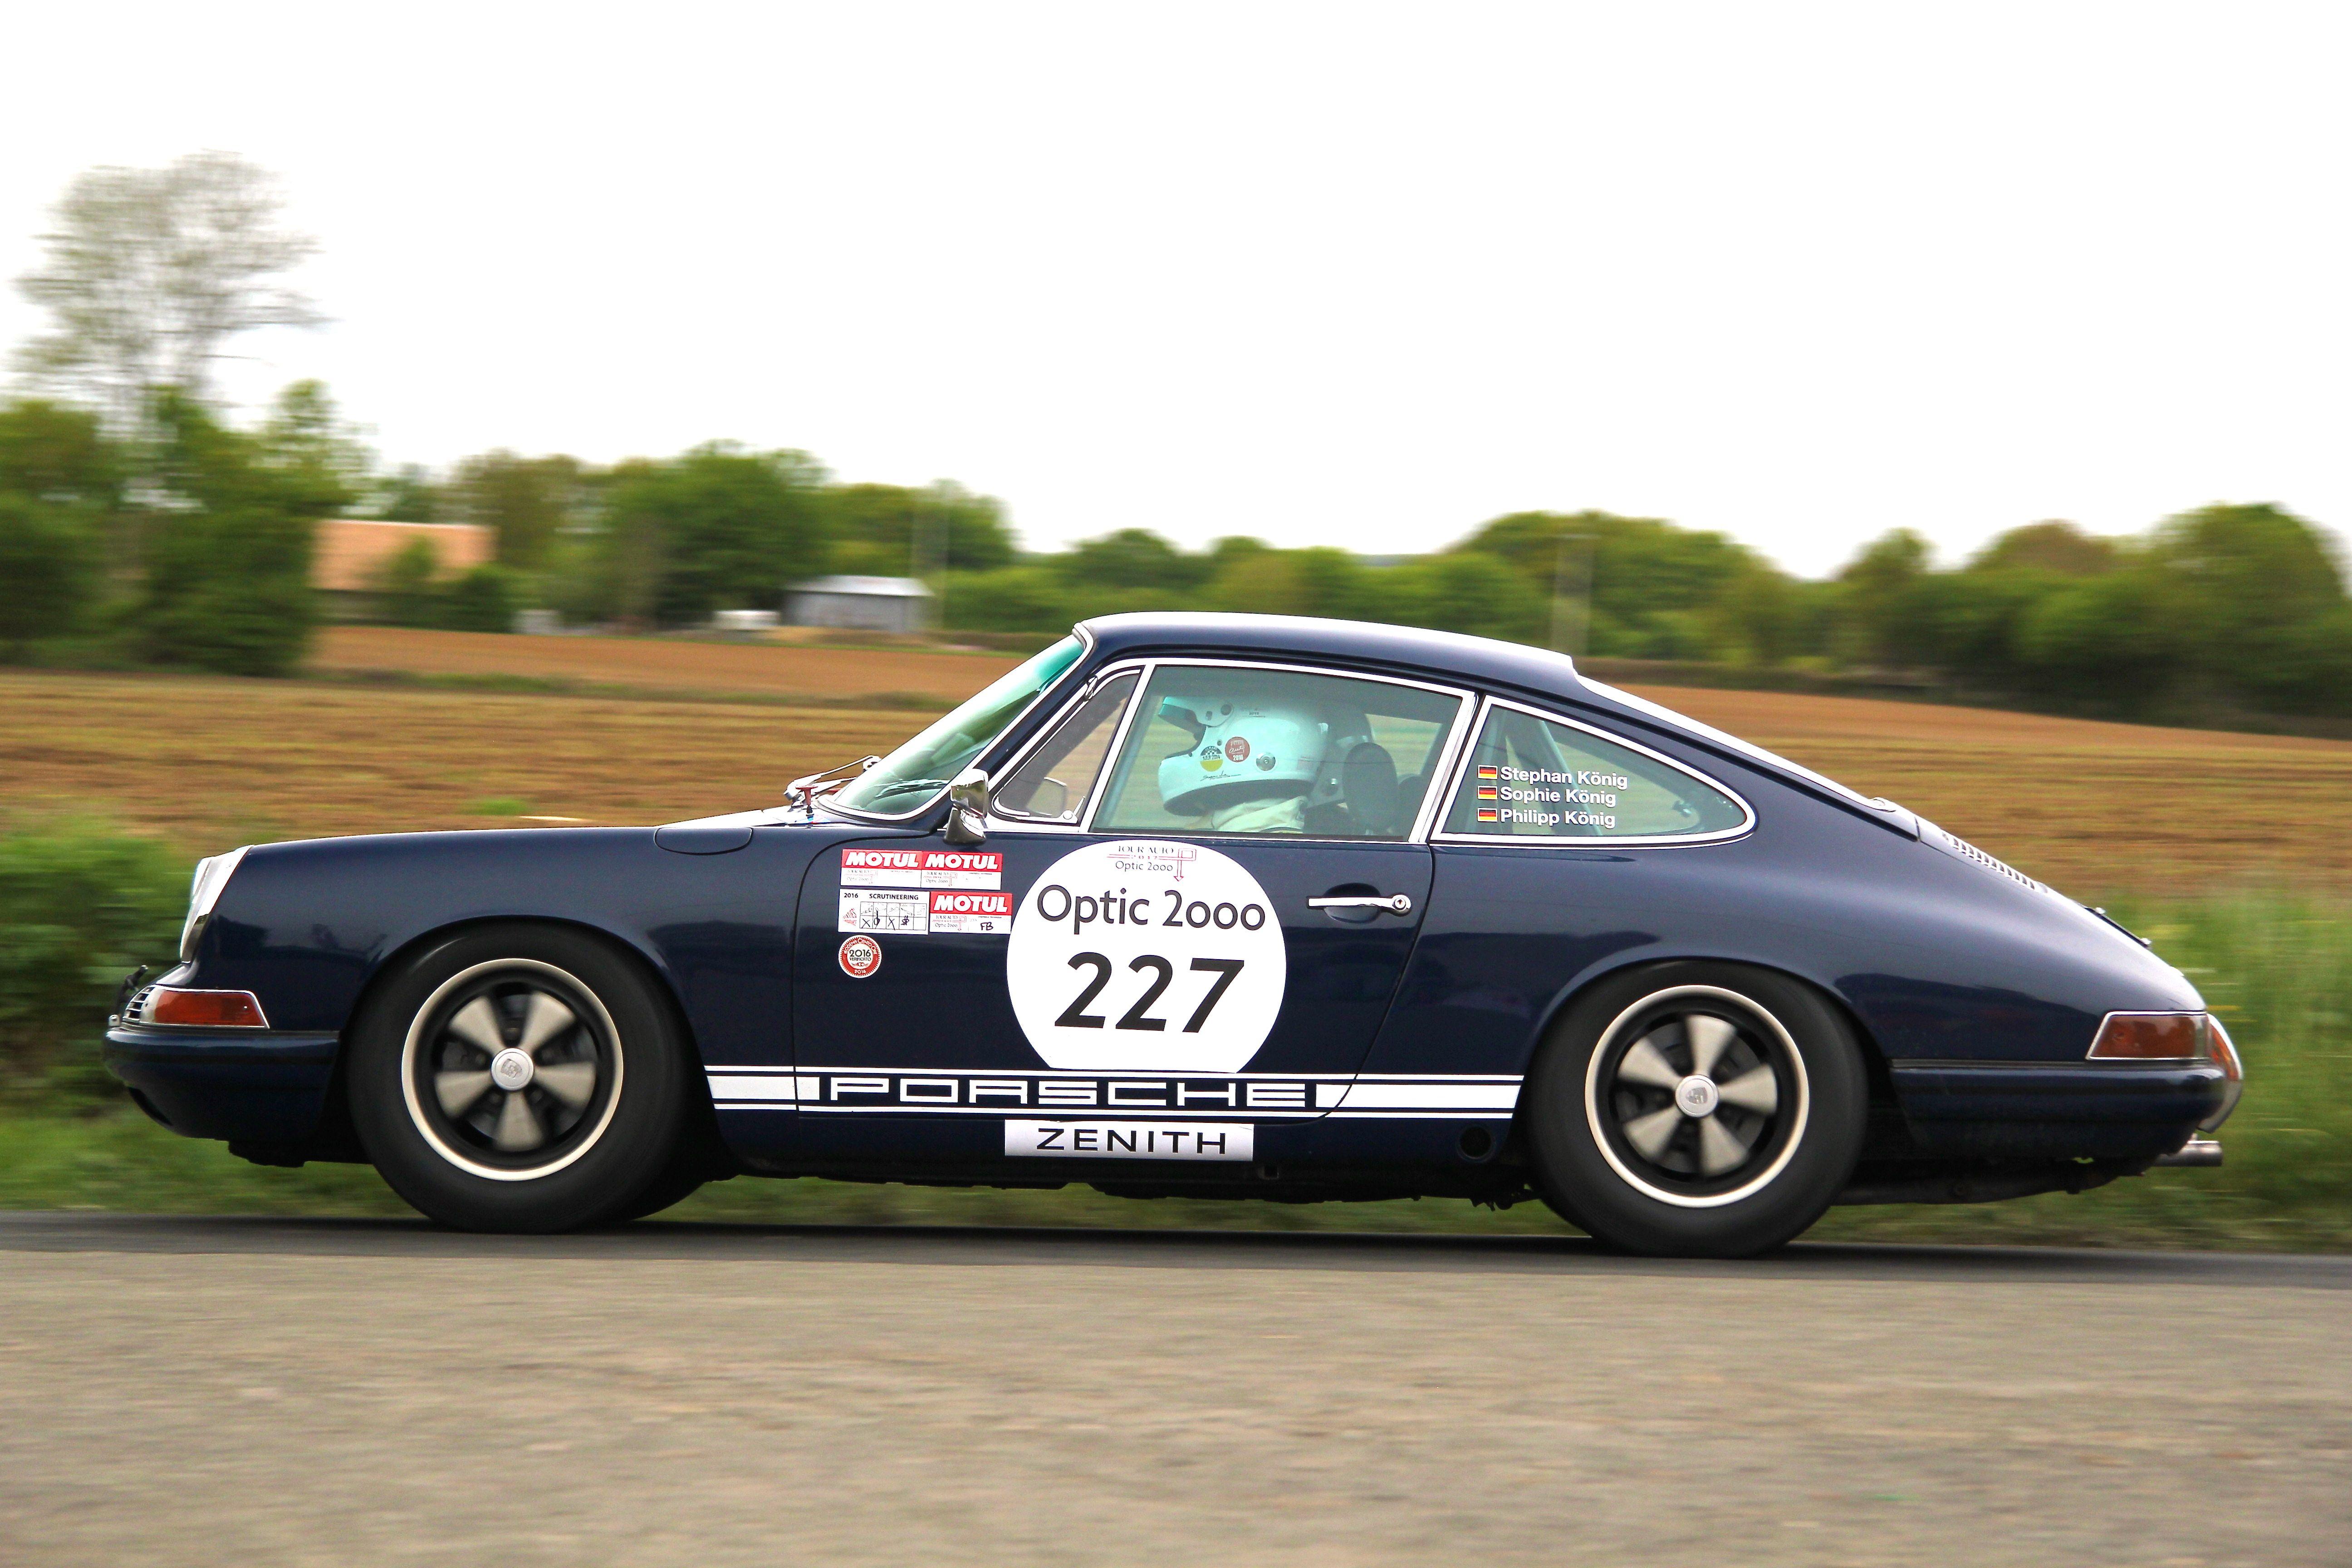 Porsche 911 1965 - épreuve spéciale - Tour Auto 2017 - photo Ludo Ferrari